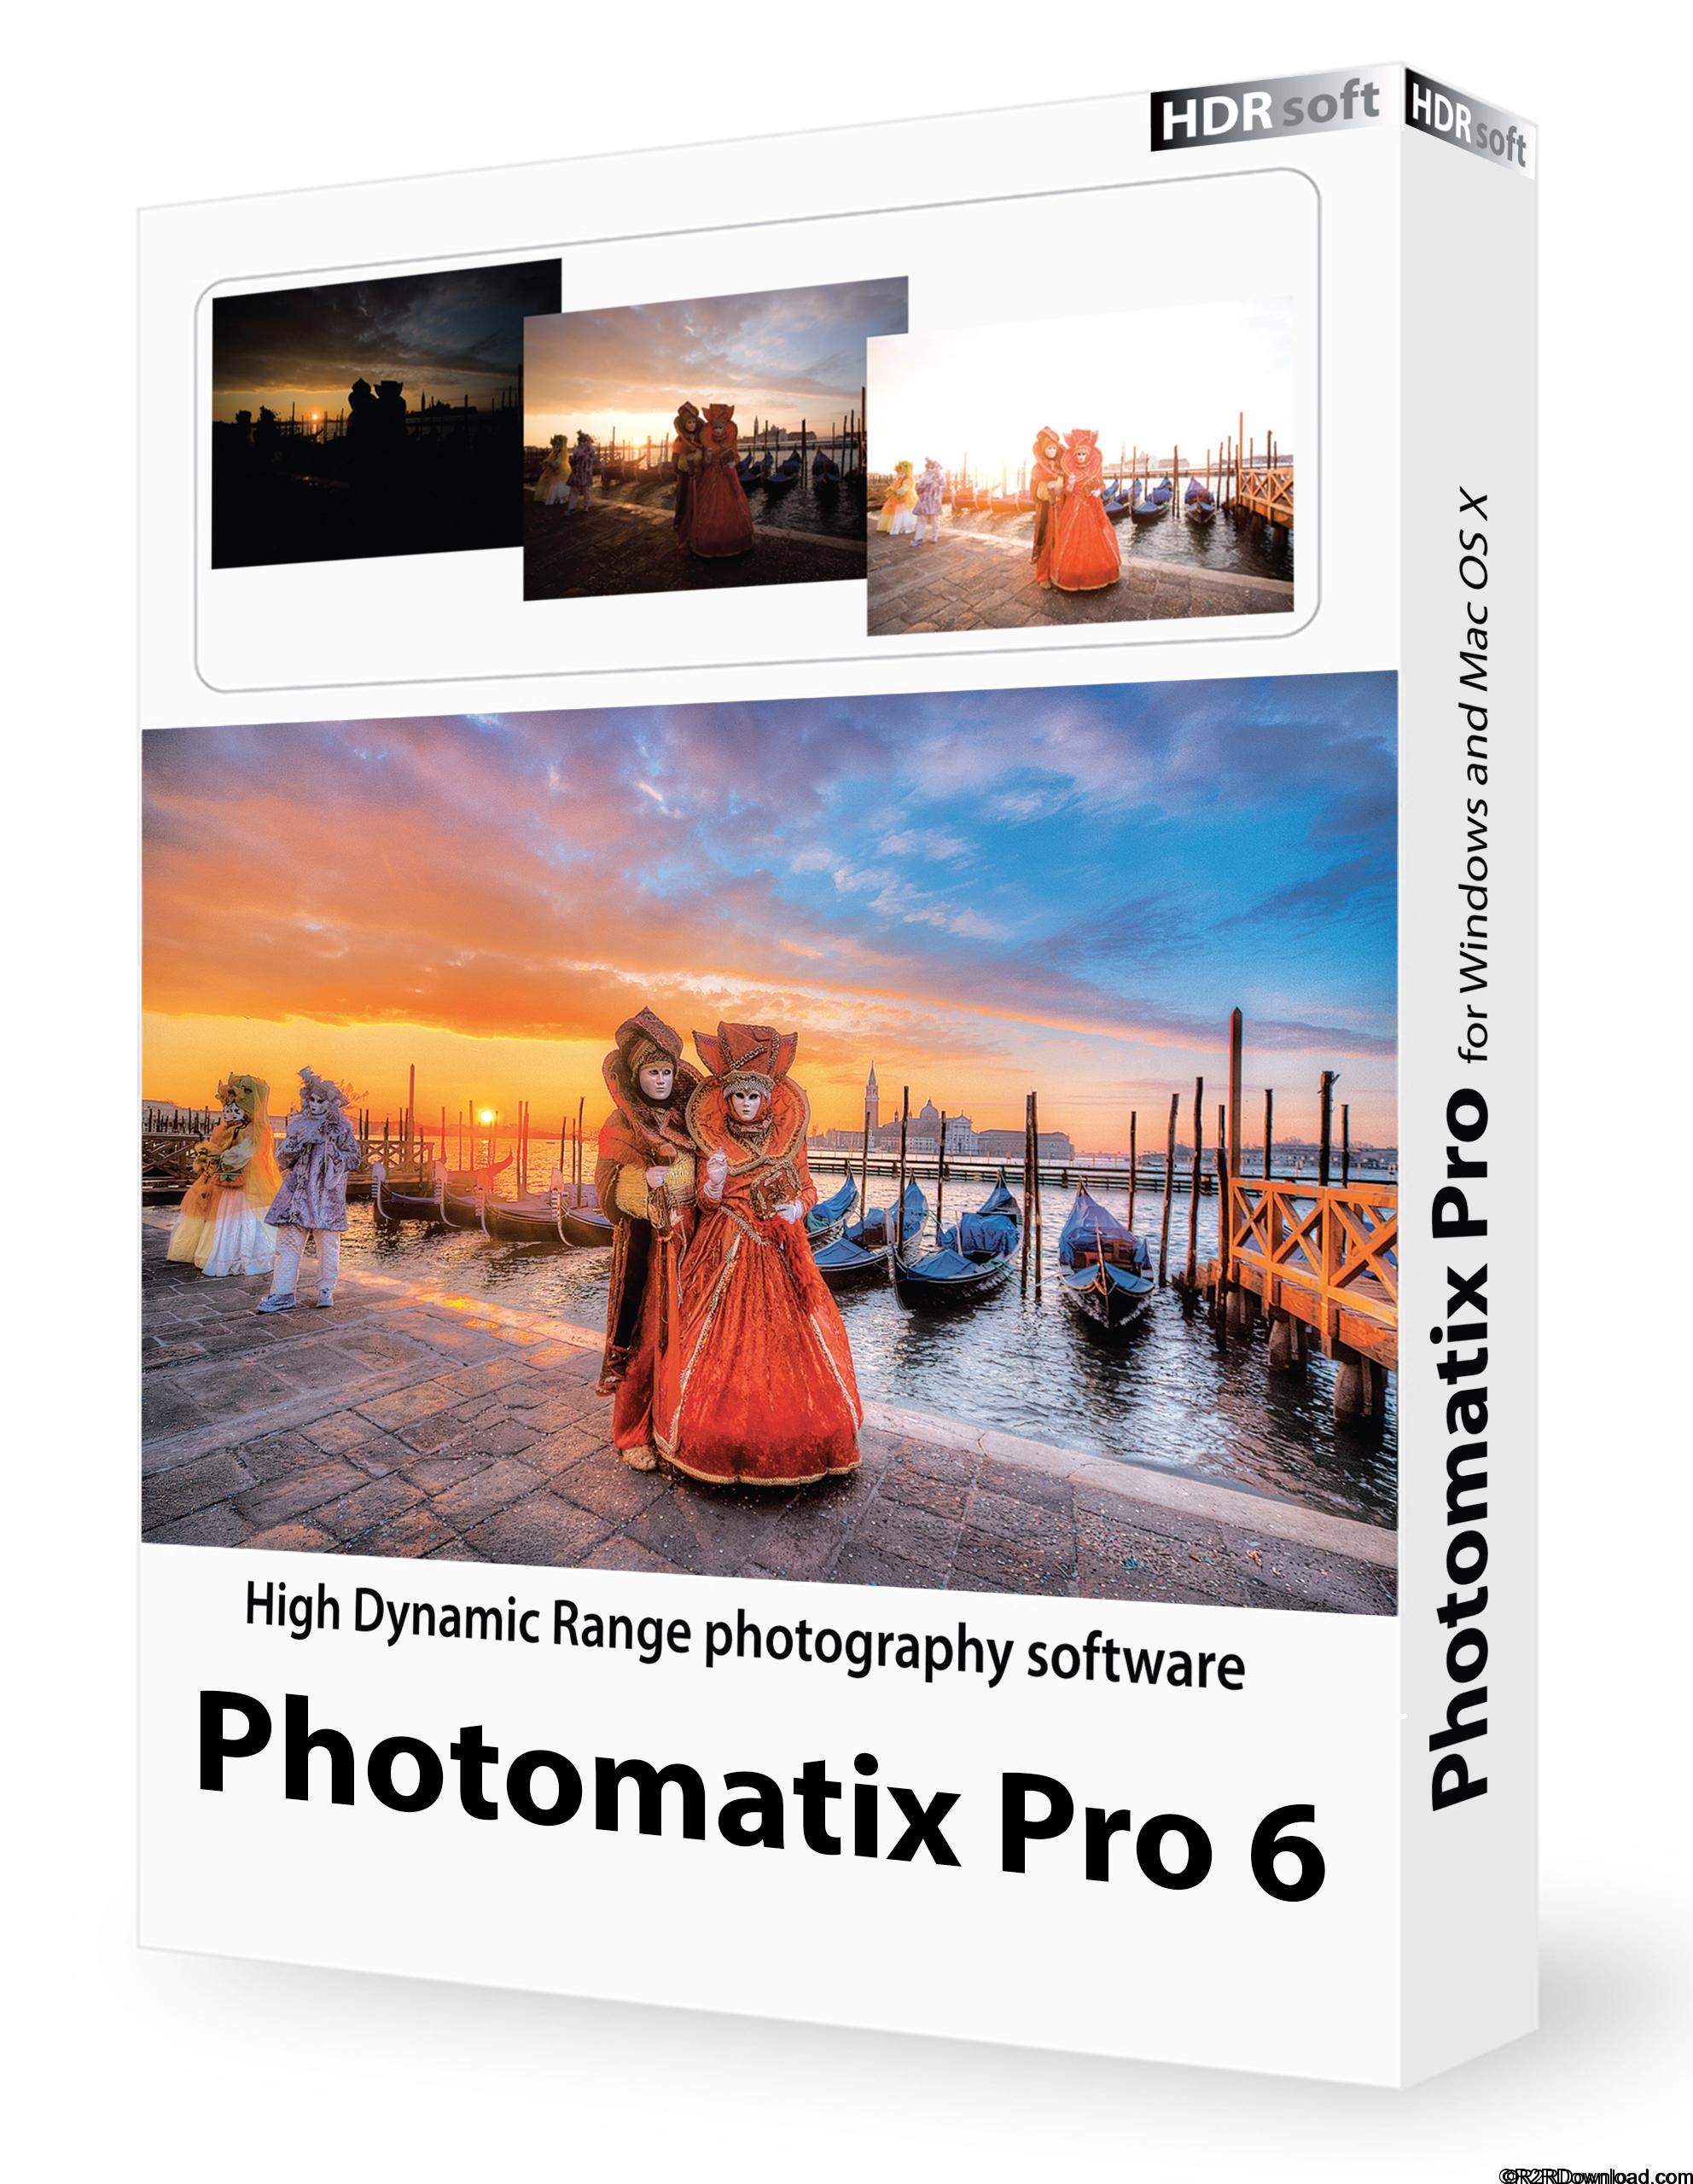 HDRsoft Photomatix Pro 6 Free Download(x64)